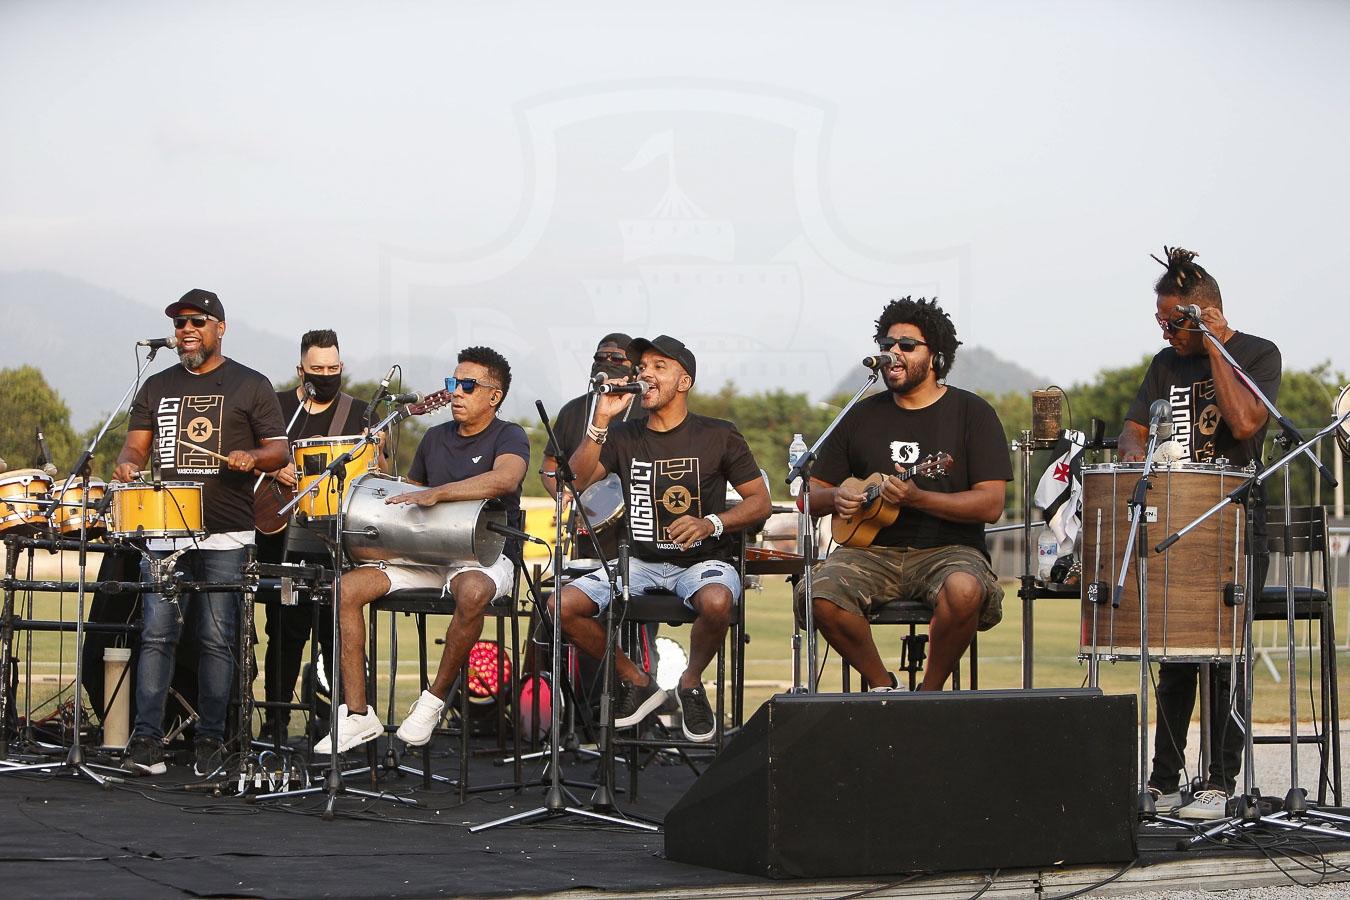 Grupo Bom Gosto durante o evento